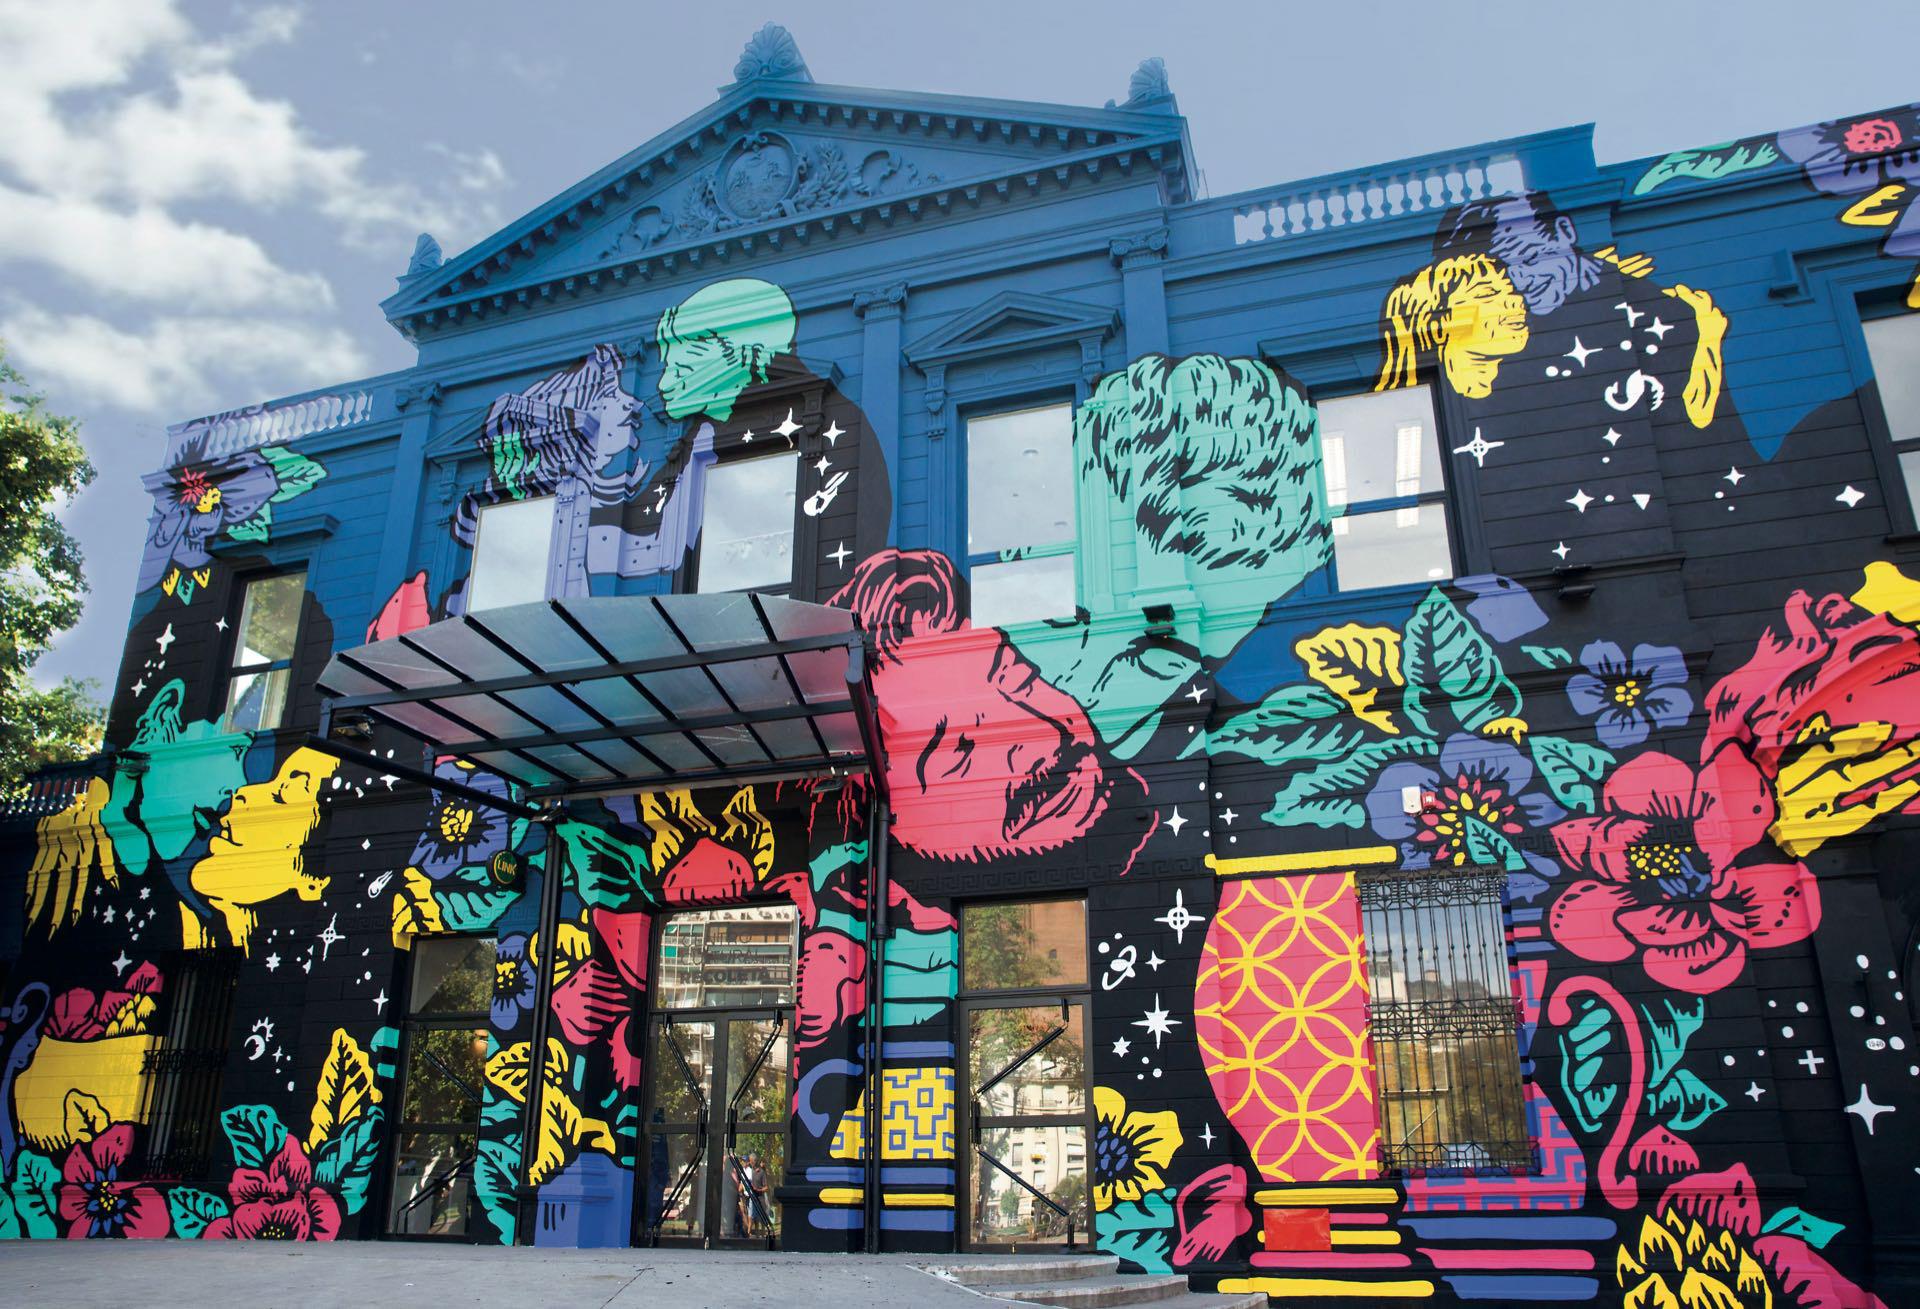 La renovada fachada fue creada por el artista e ilustrador JulioCésar Battistelli (más conocido como Yaia)